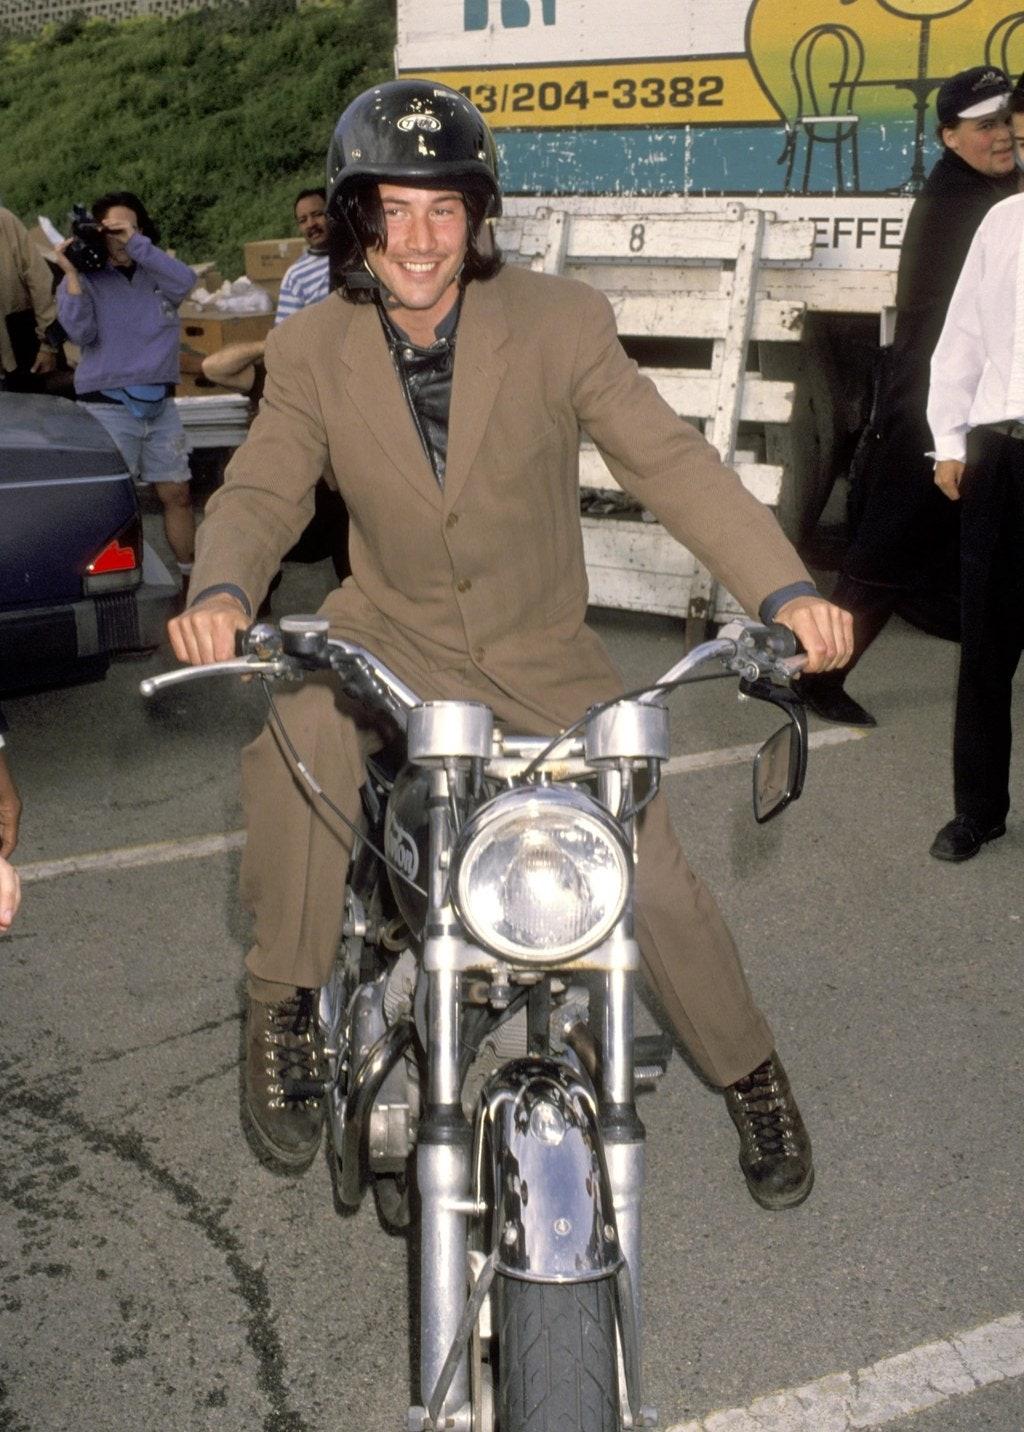 Tudtátok, hogy motorimádó a srác? Van egy saját vállalkozása is, amelyben egyedi darabokat készítenek. Ez a kép mégSanta Monica-ban készült, 1993-ban, de a szenvedély azóta is töretlen!